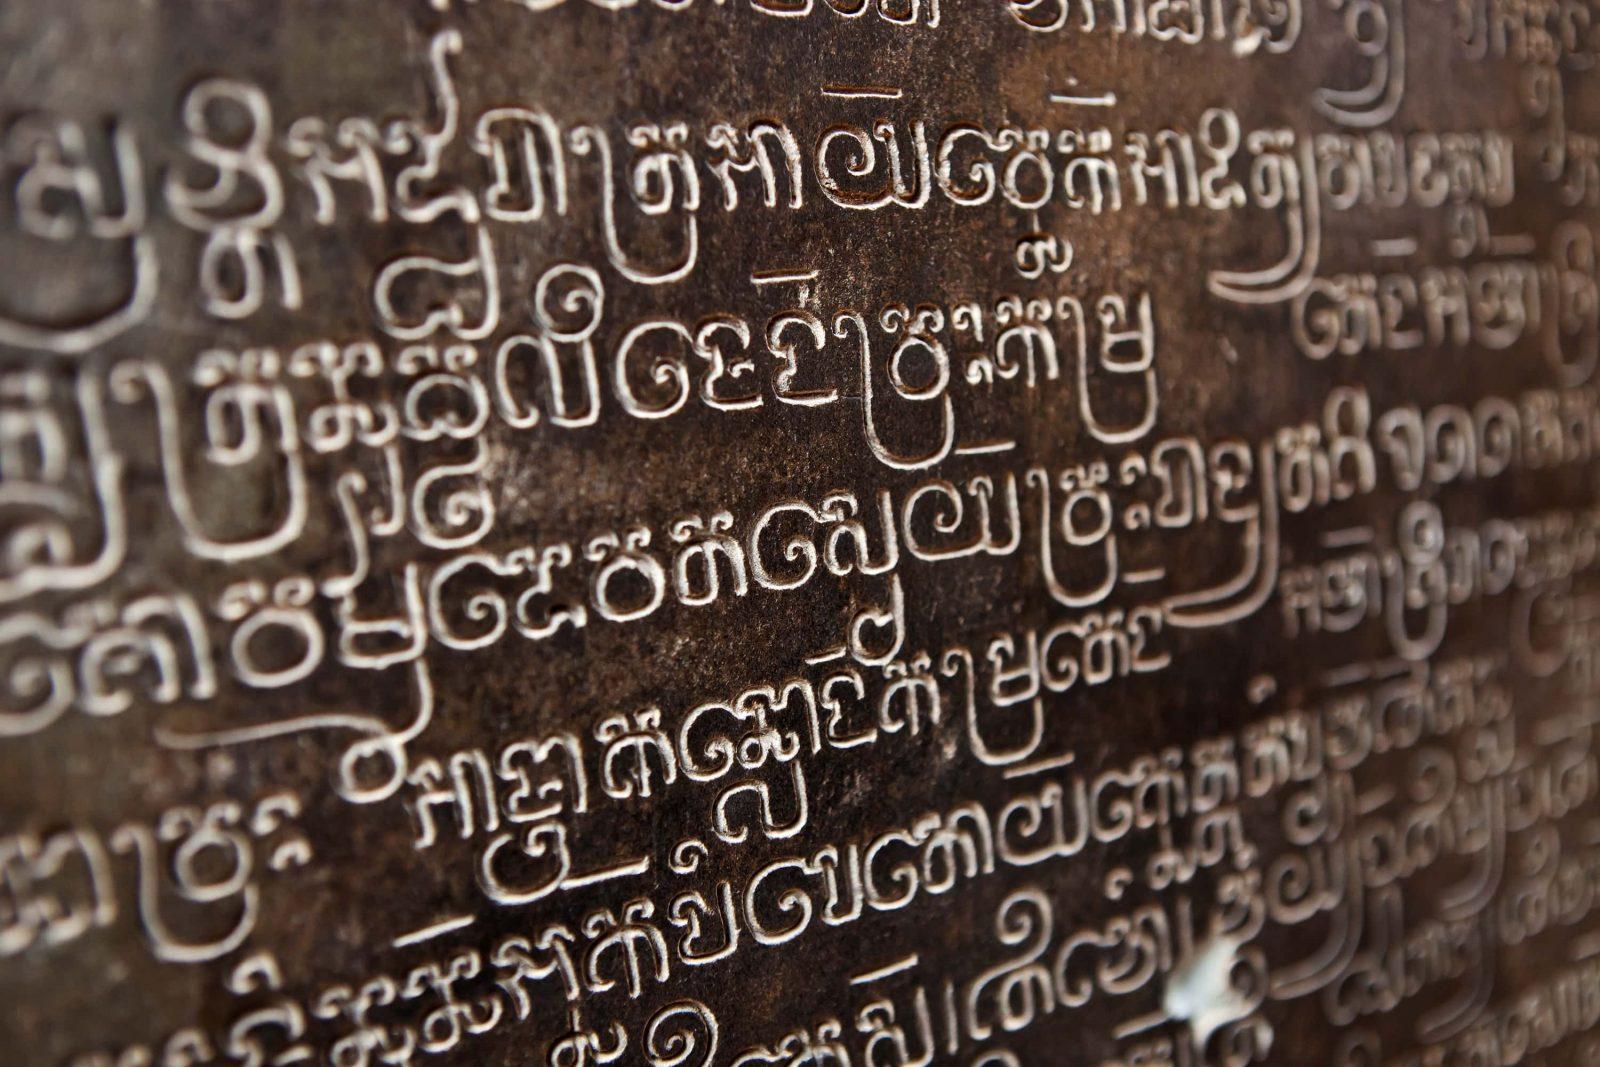 Sanskrit text written on a wall